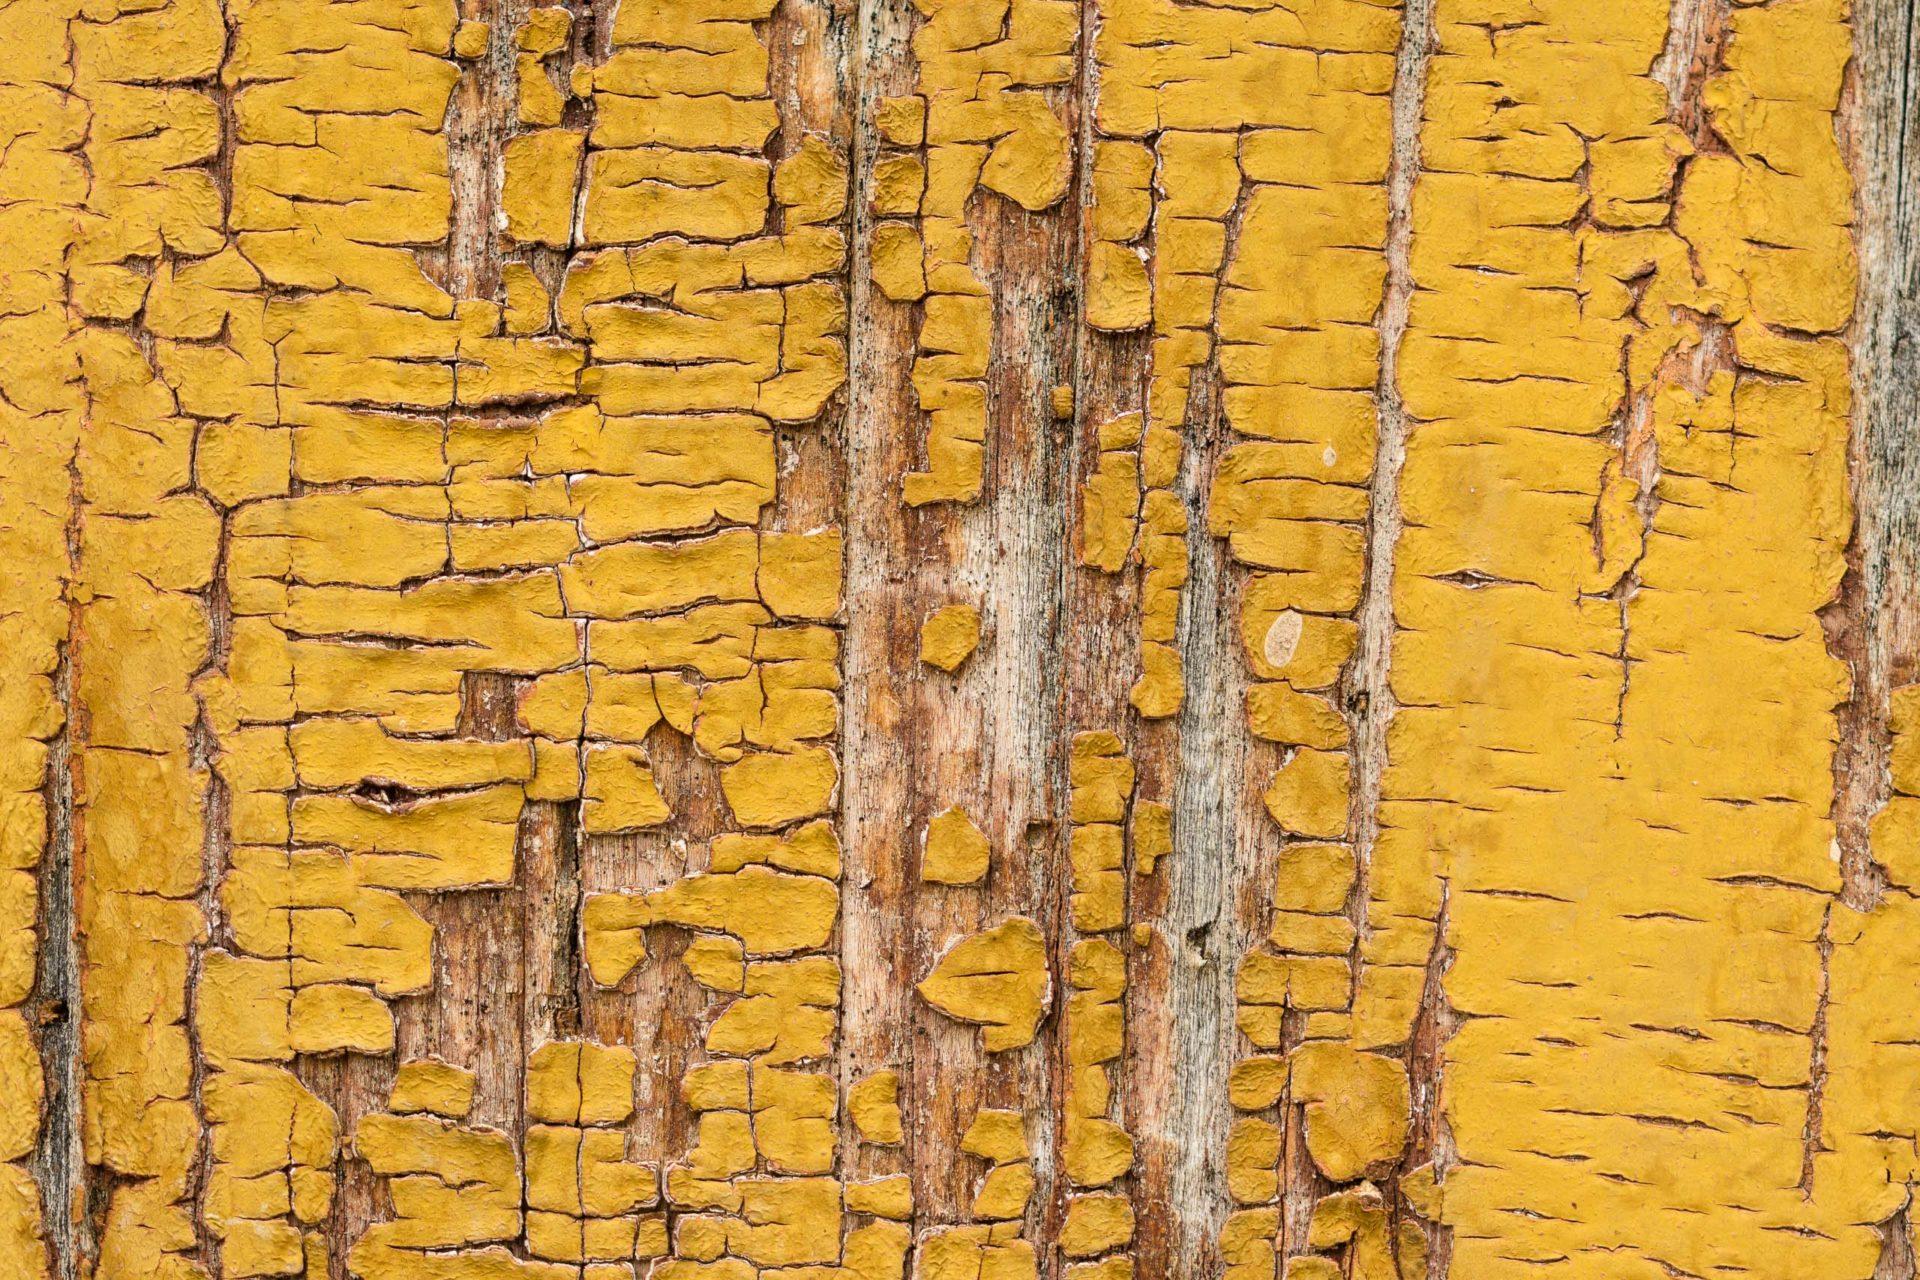 Oberflaeche,farbe,rissig,alt,details,macro,struktur,verwittert,gelb